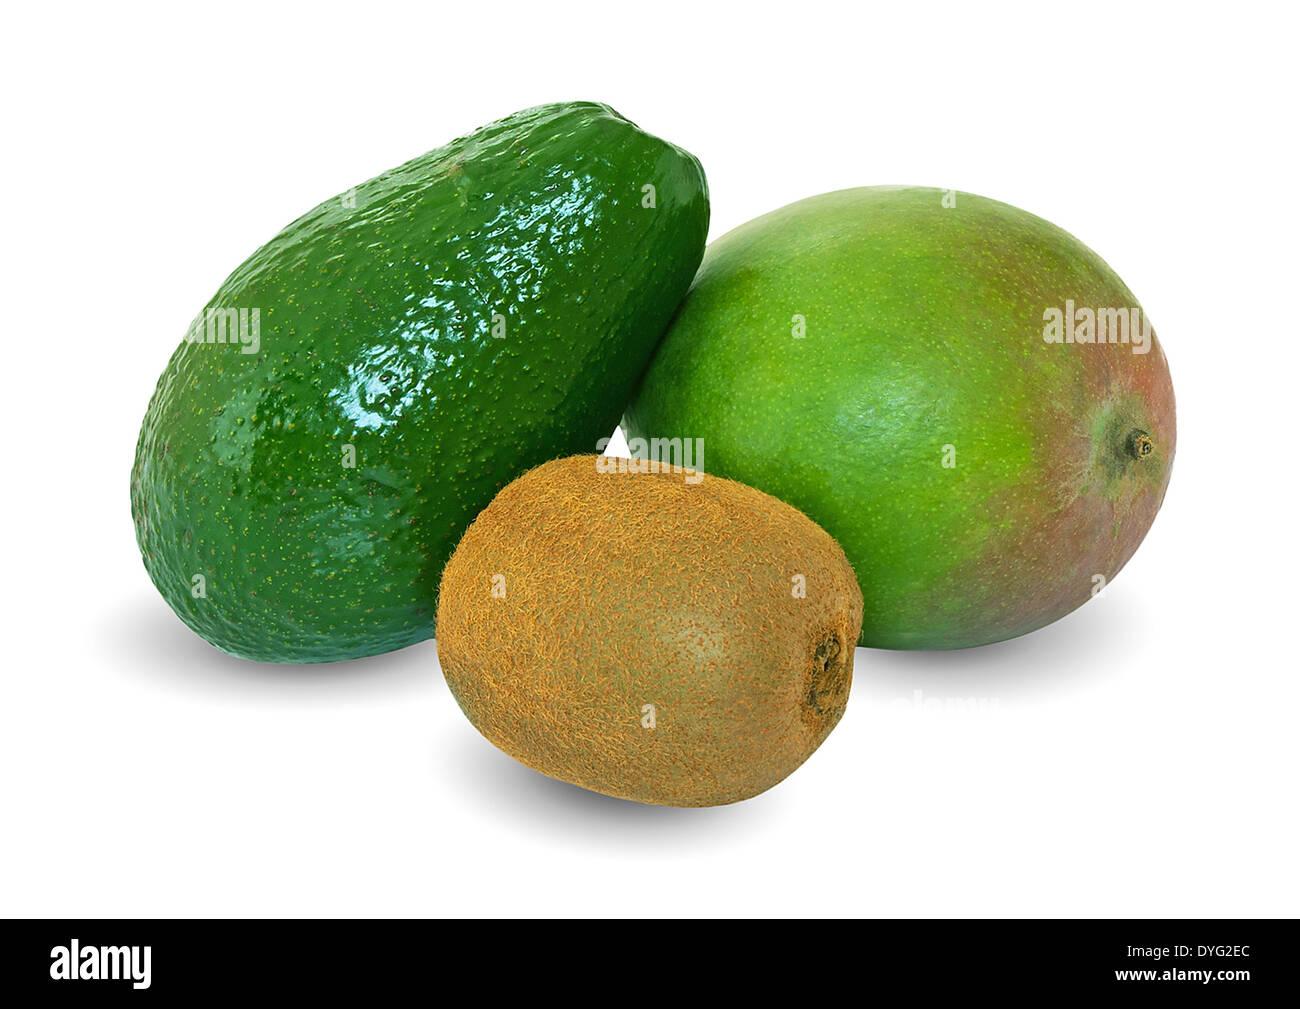 kiwi of mango of avocado isolated on the white - Stock Image